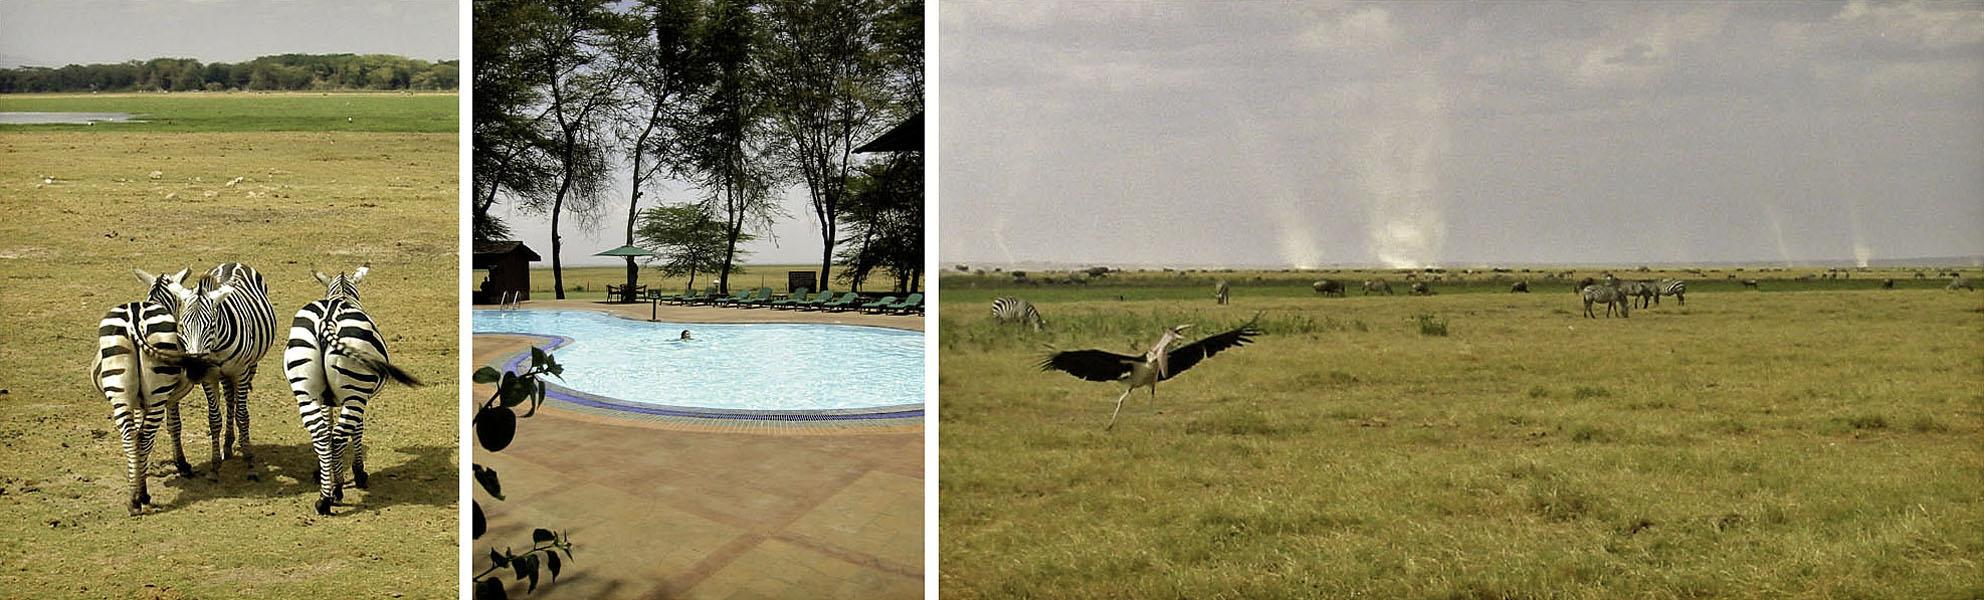 Africa Kenya Amboseli Zebra Swimming Pool Marabou Stork